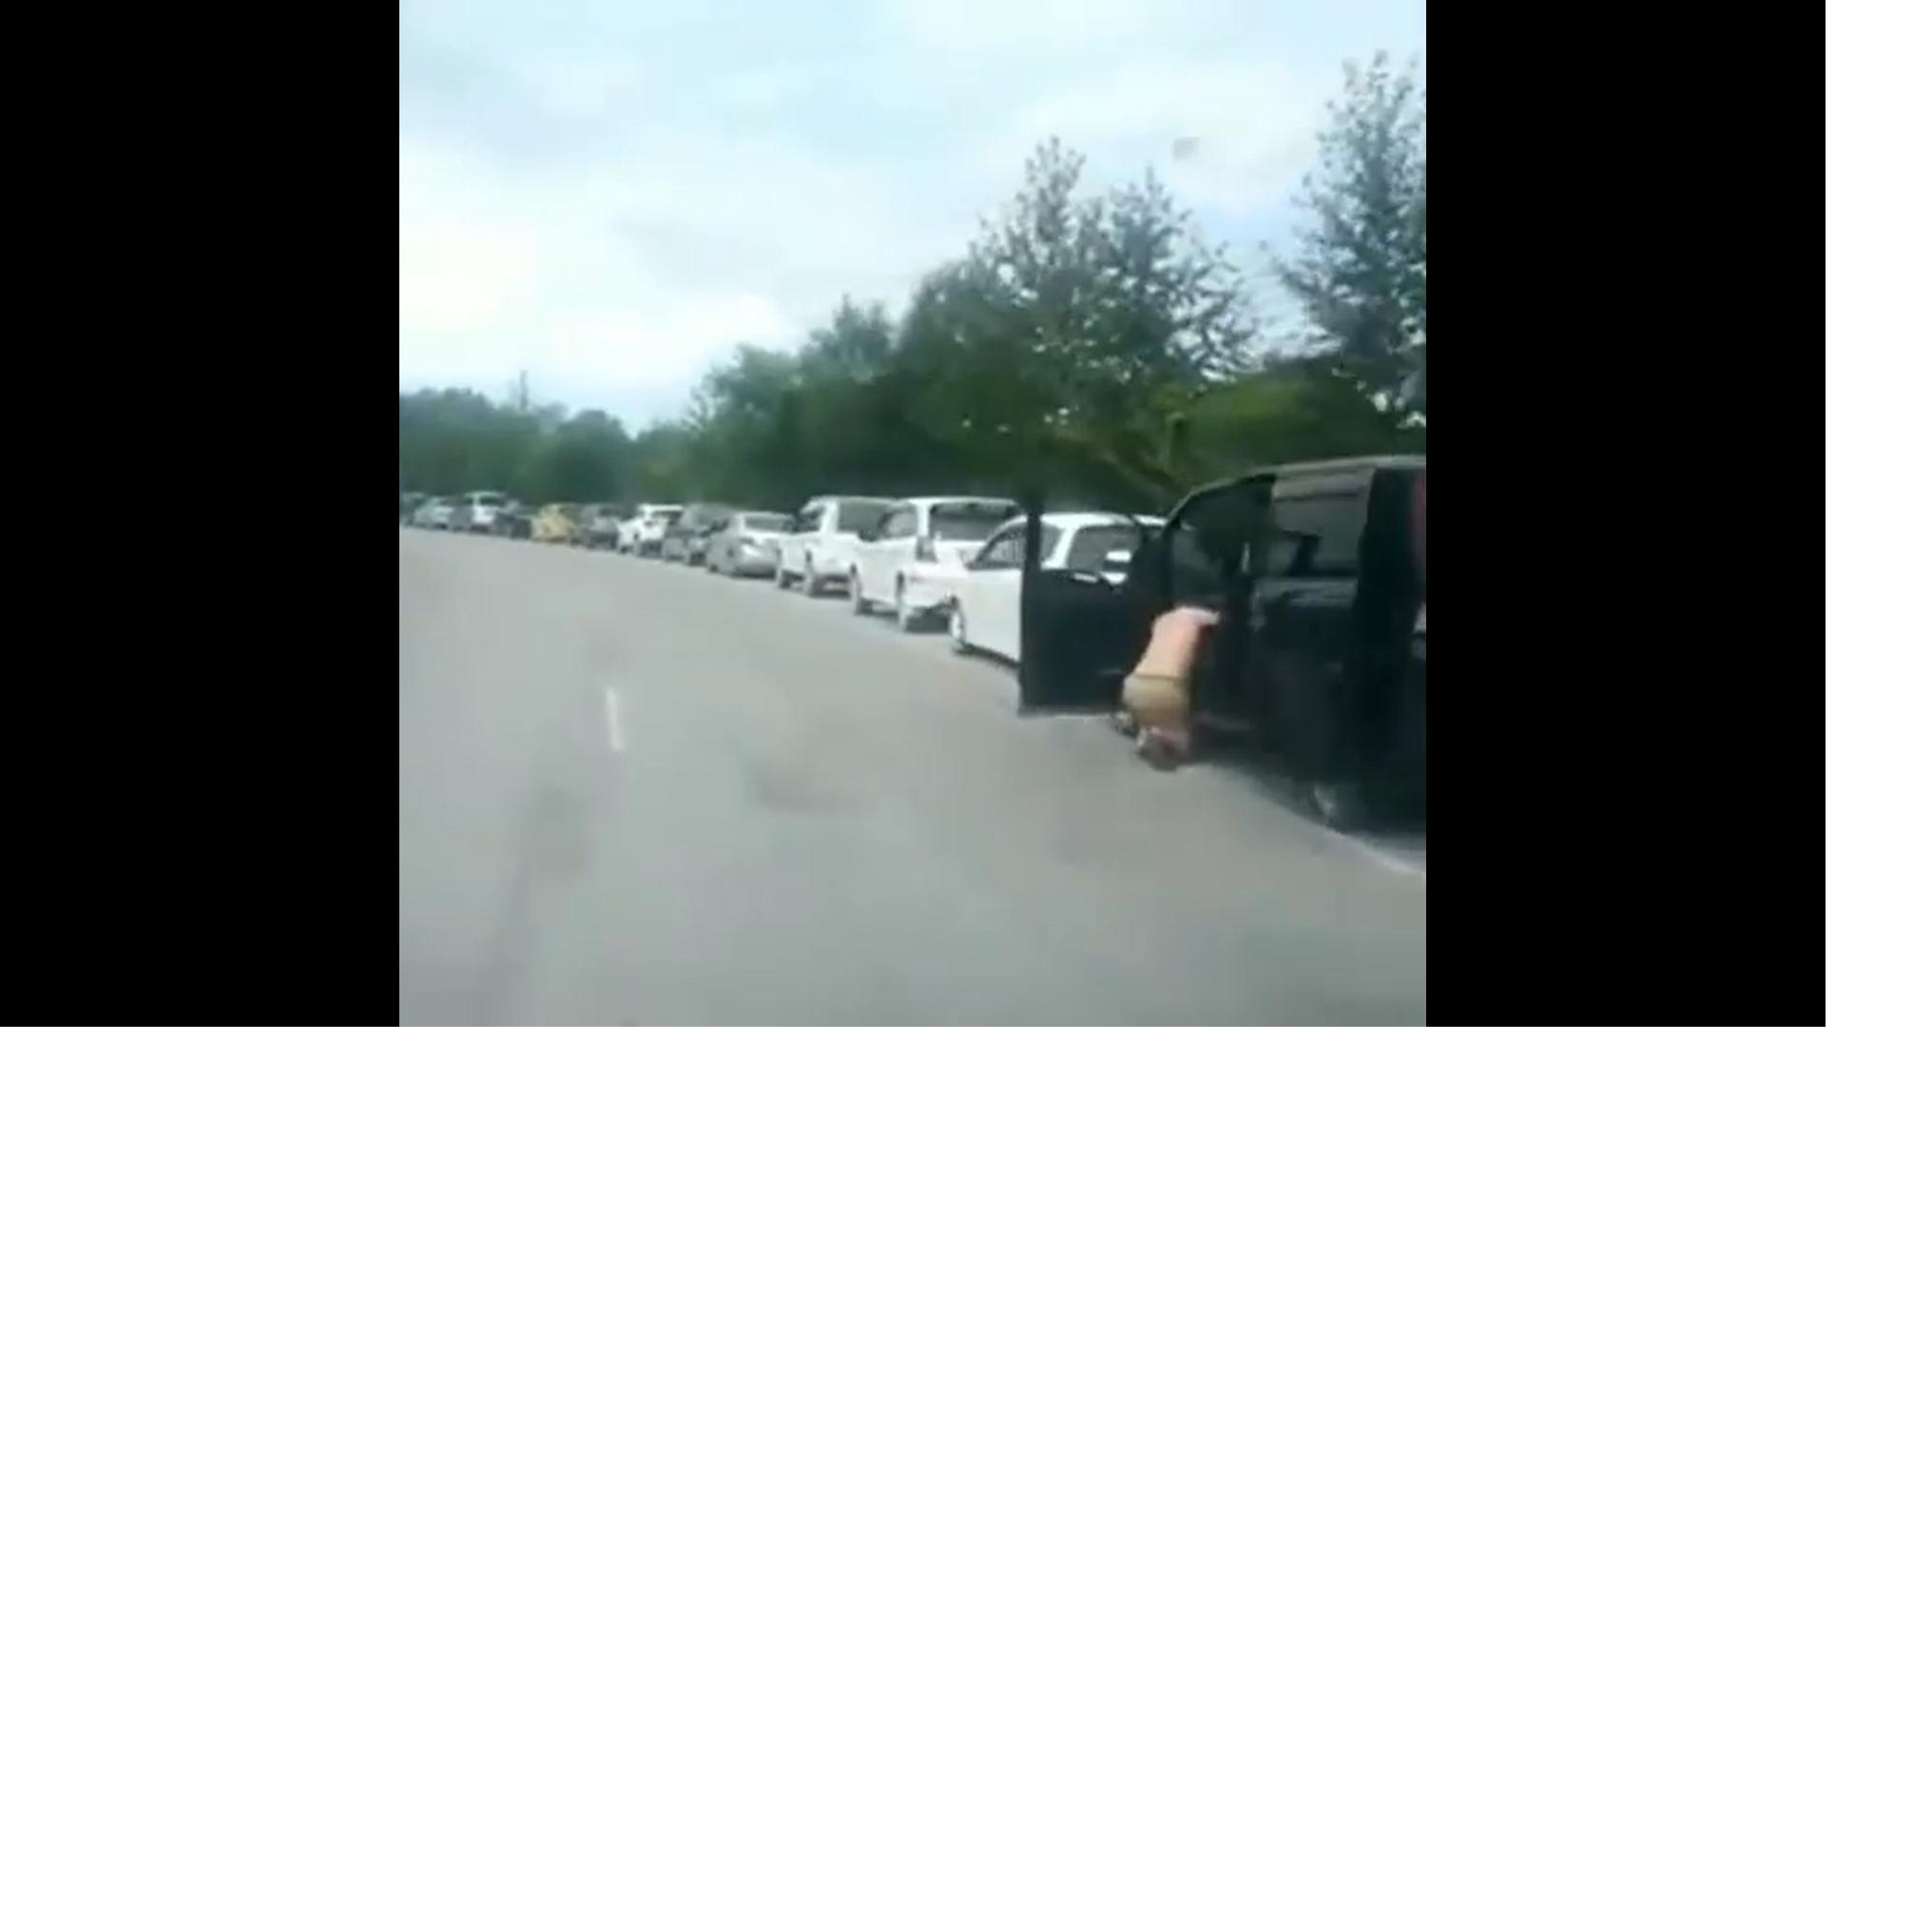 Дефицит топлива в Приморье вновь привел к очередям из сотен машин